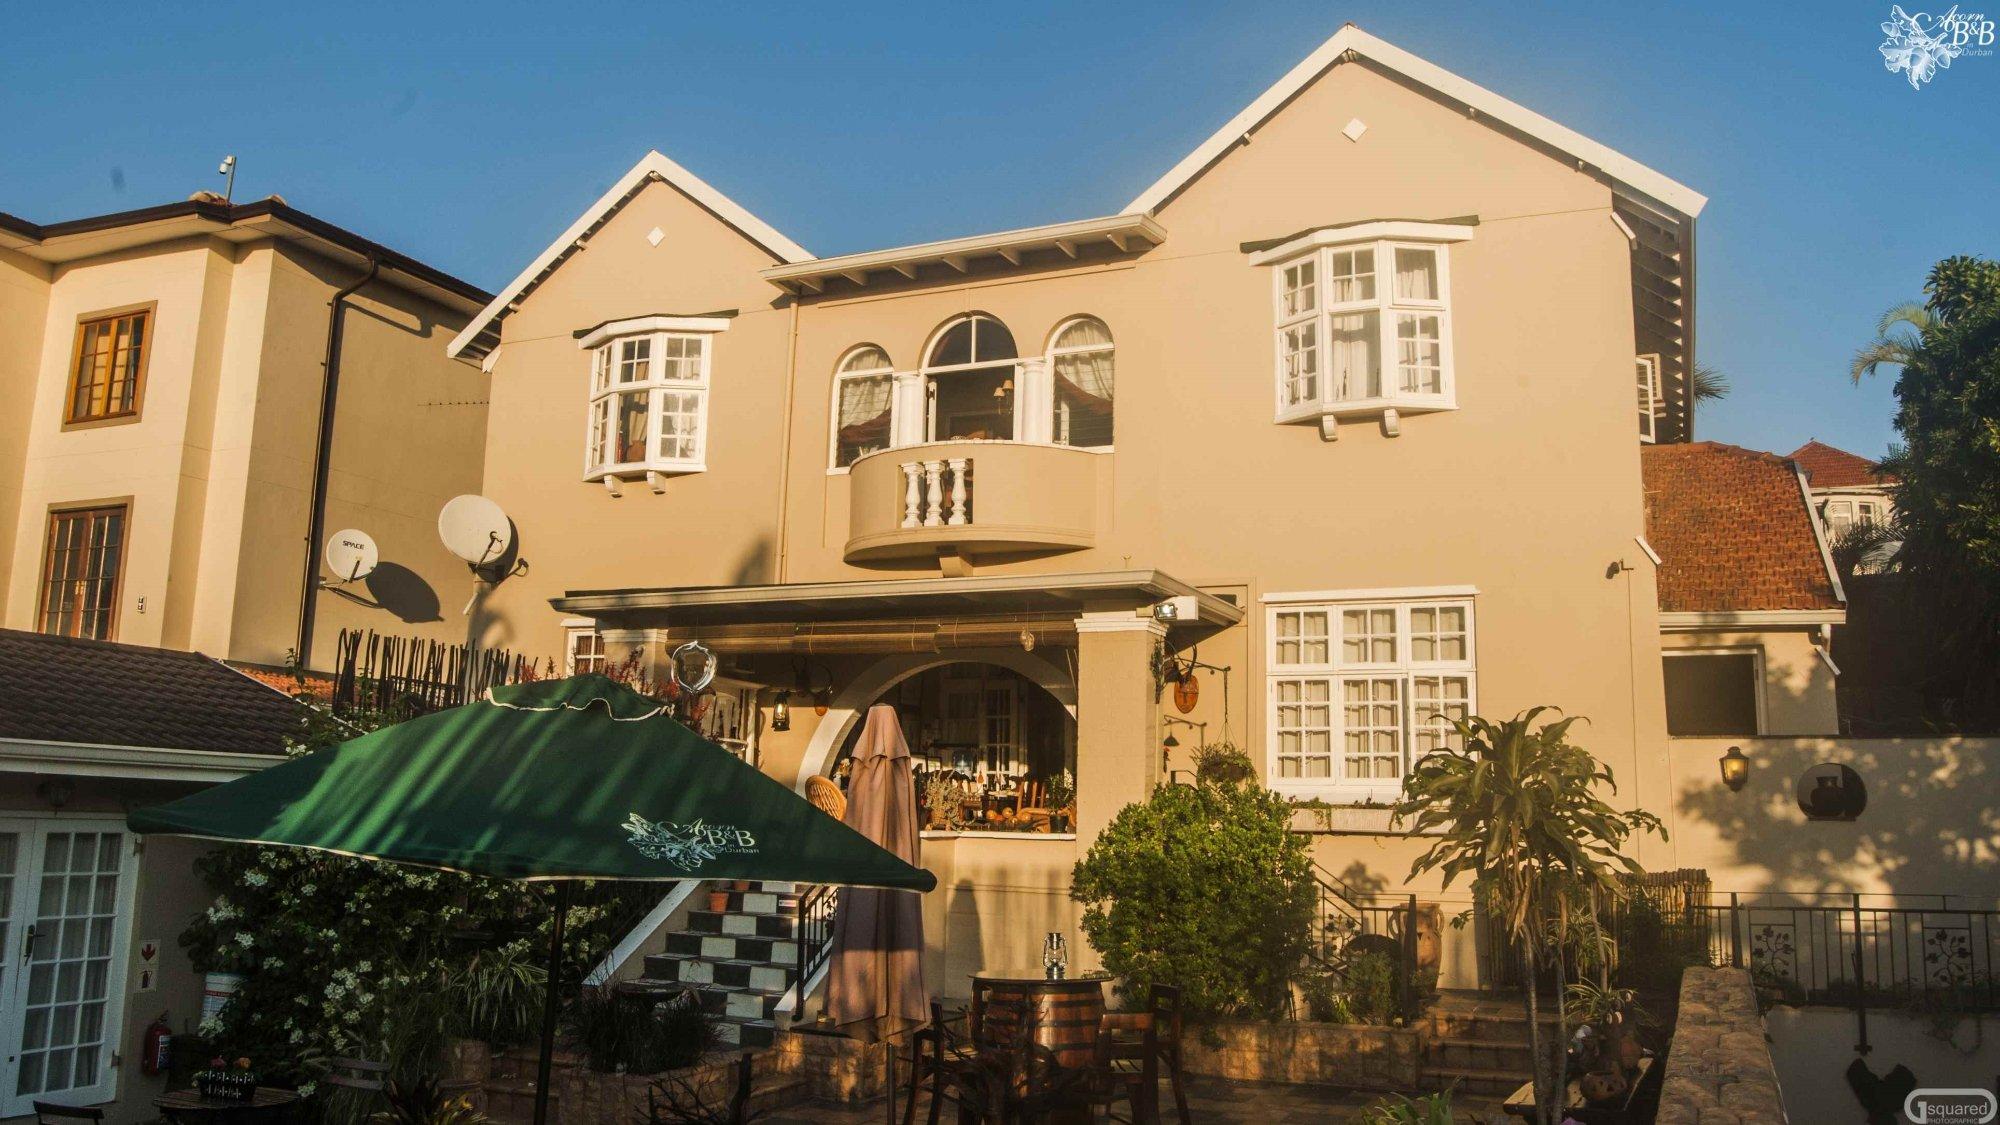 Acorn B&B in Durban